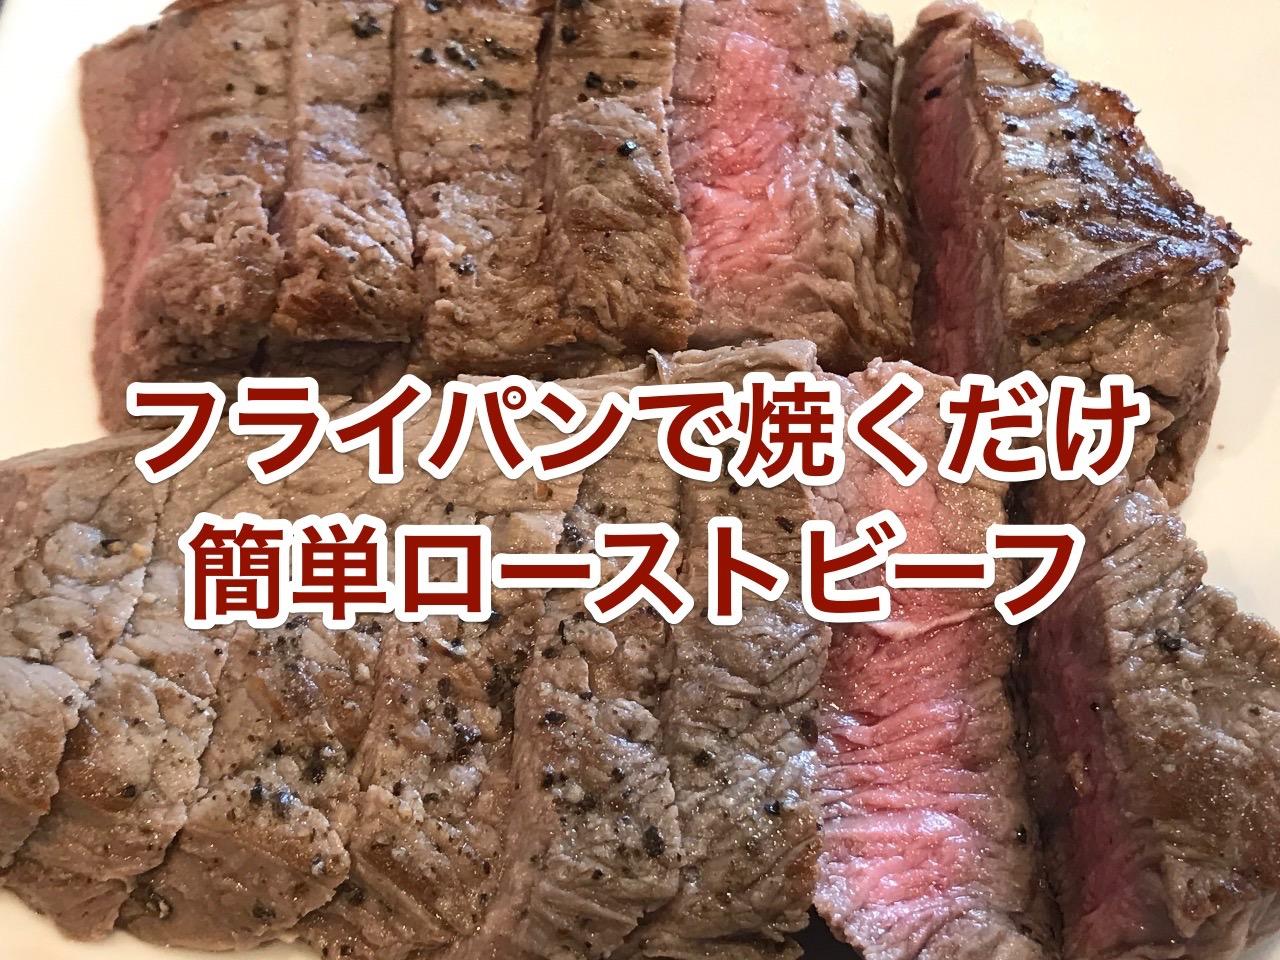 簡単レシピ】フライパンで焼くだけローストビーフ